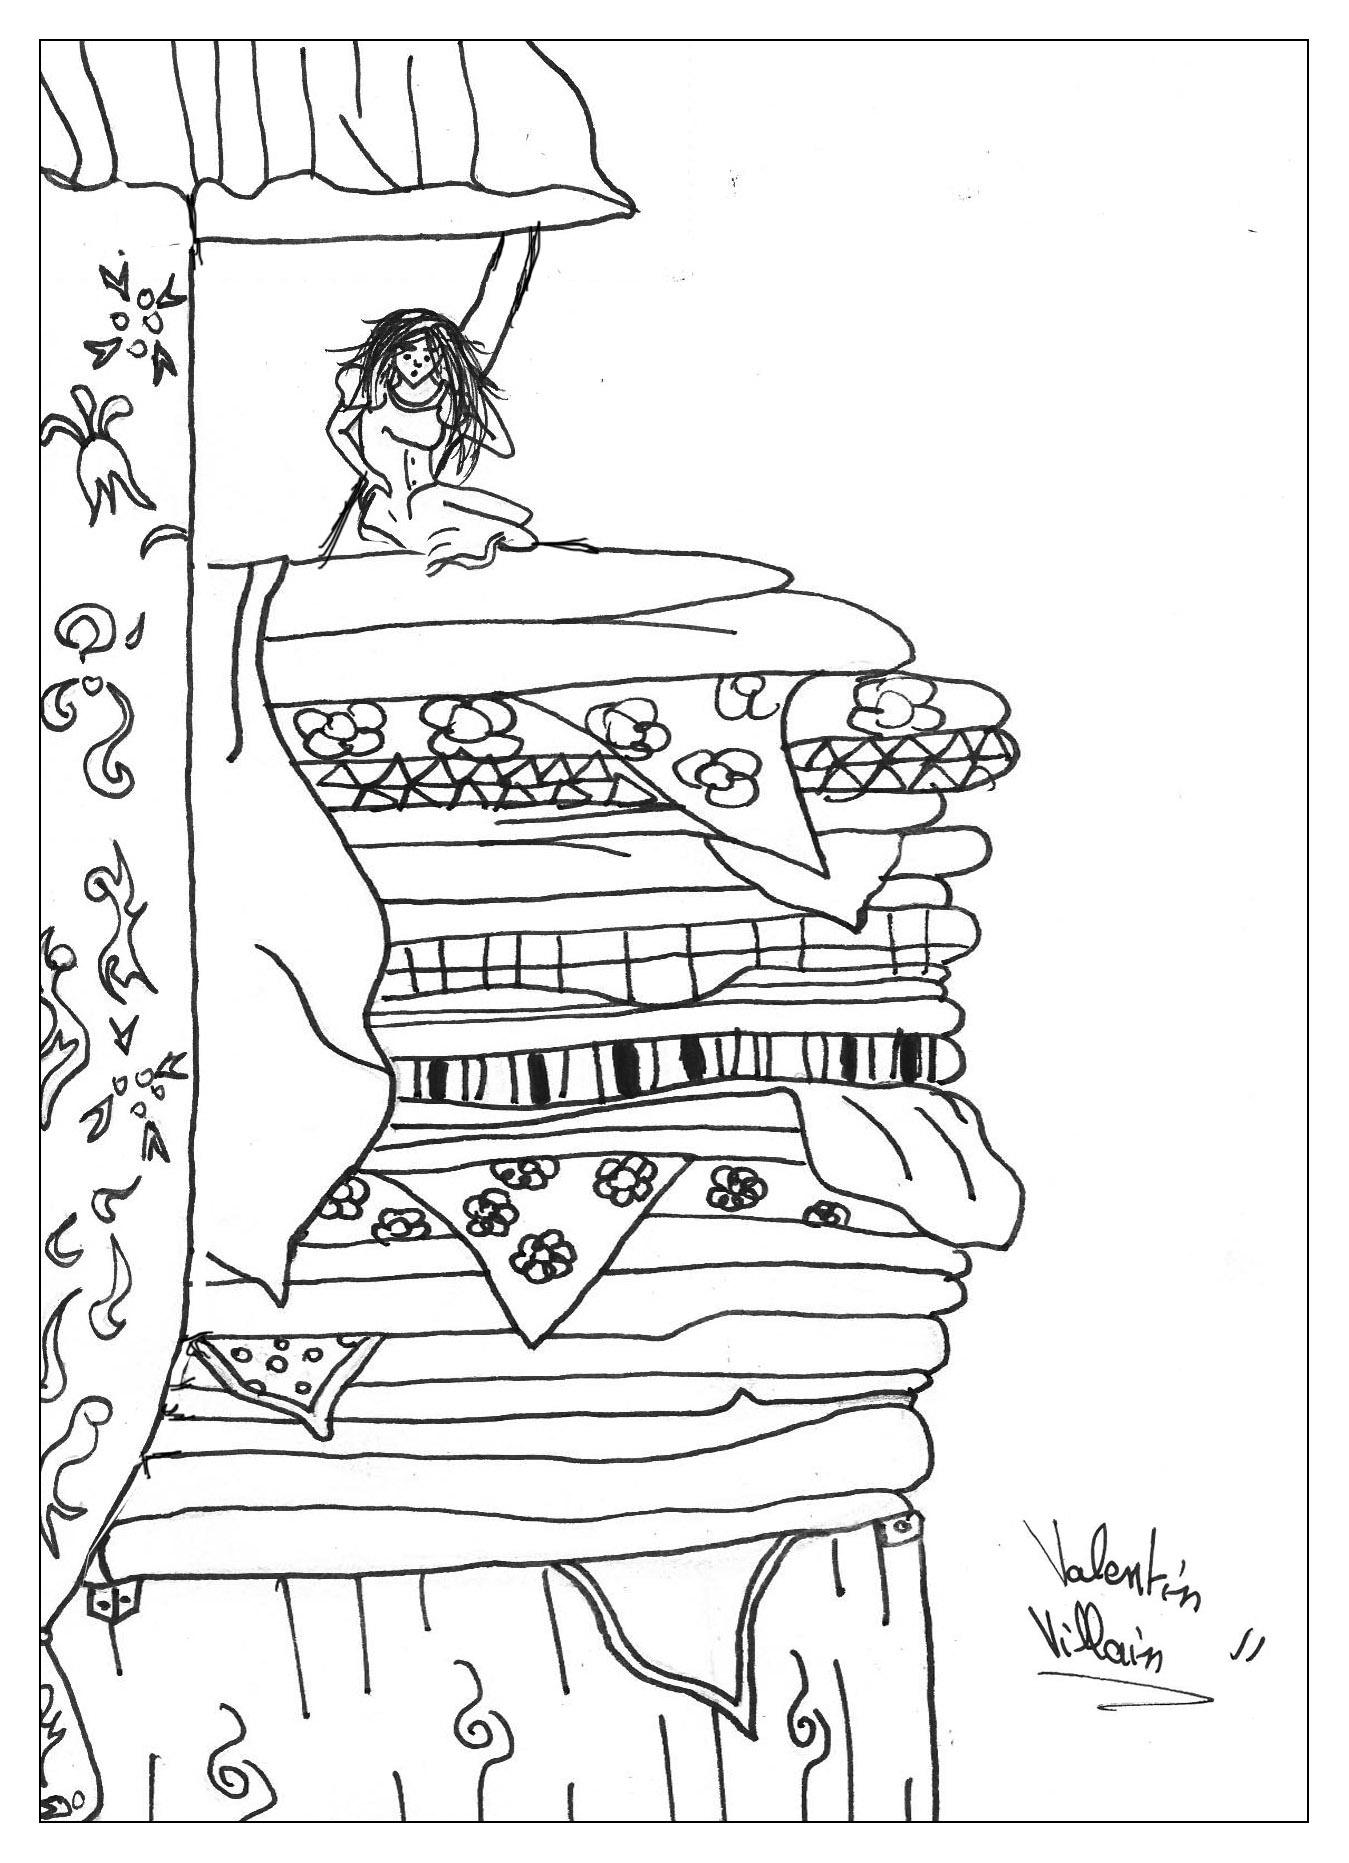 Interprétation originale du conte 'La Princesse au petit pois', par Valentin